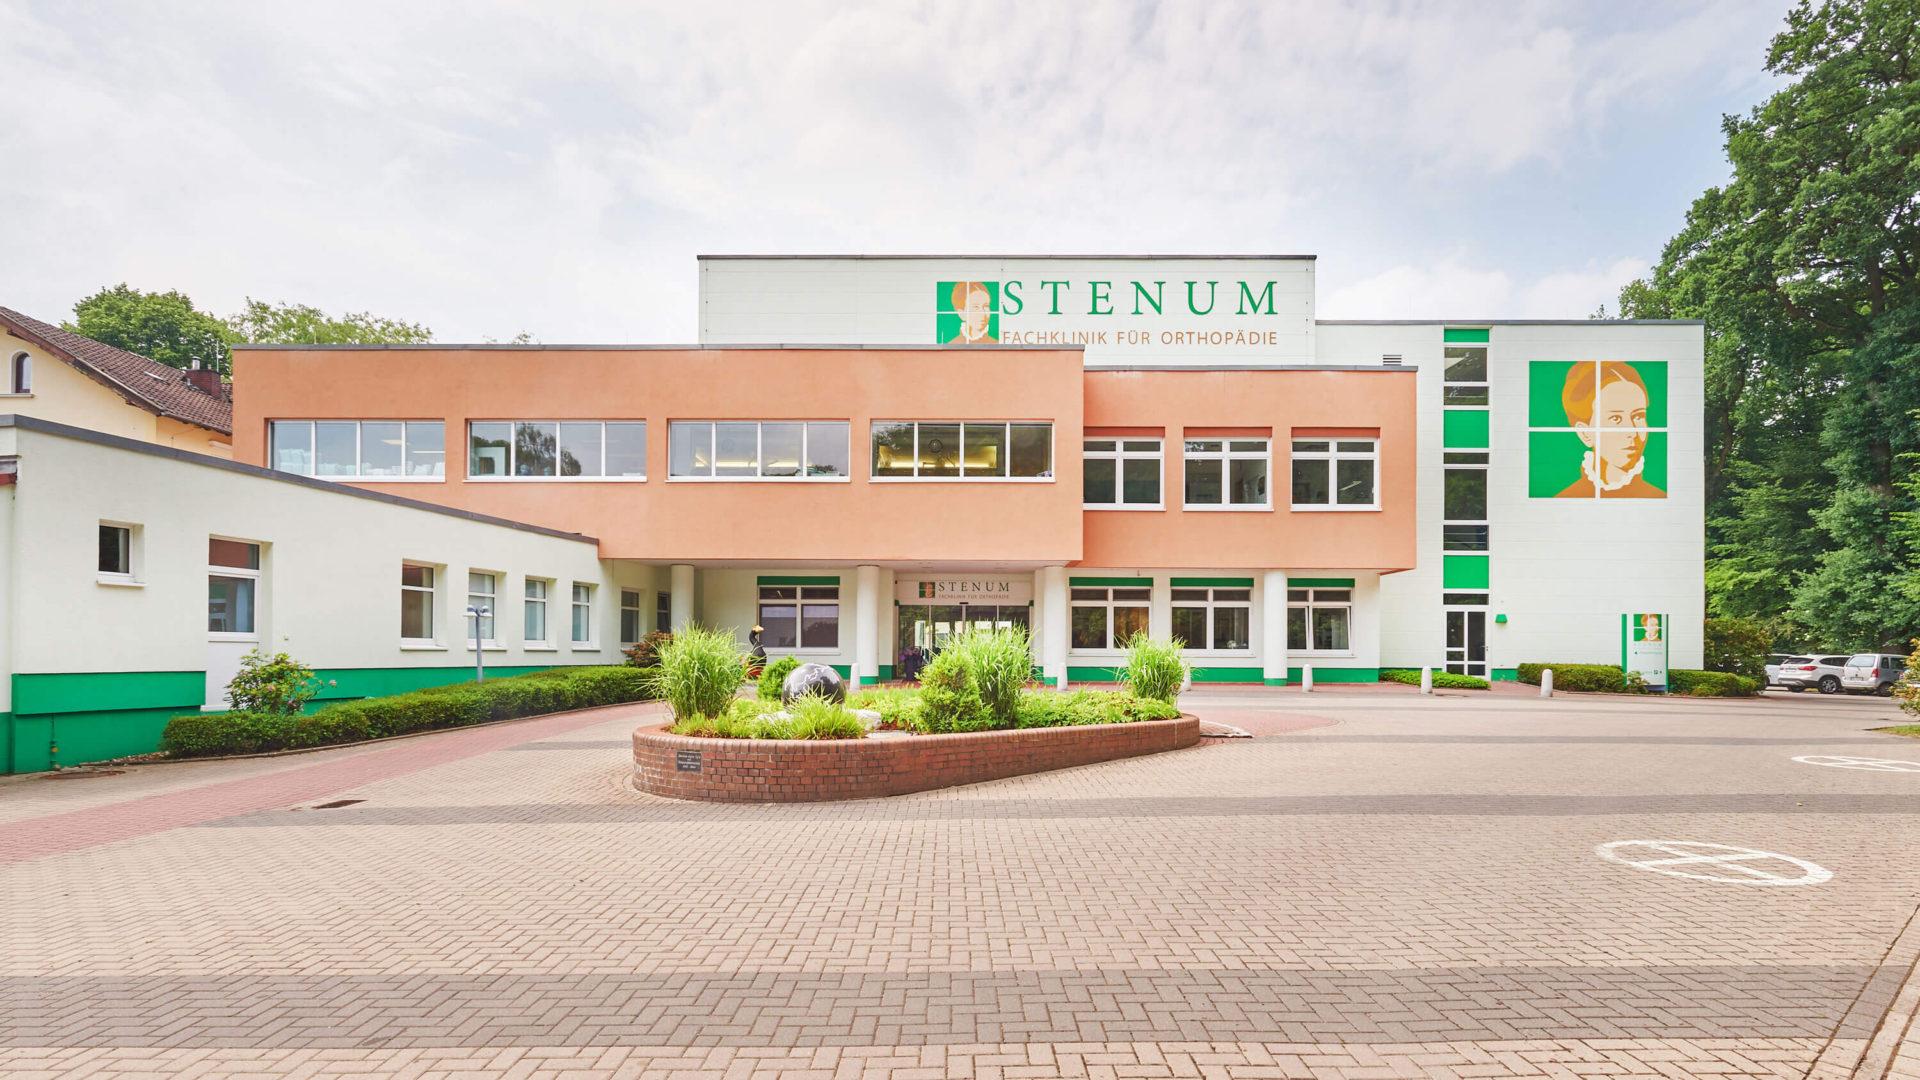 STENUM Orthopädie Fachklinik - Außenansicht mit Parkplatz